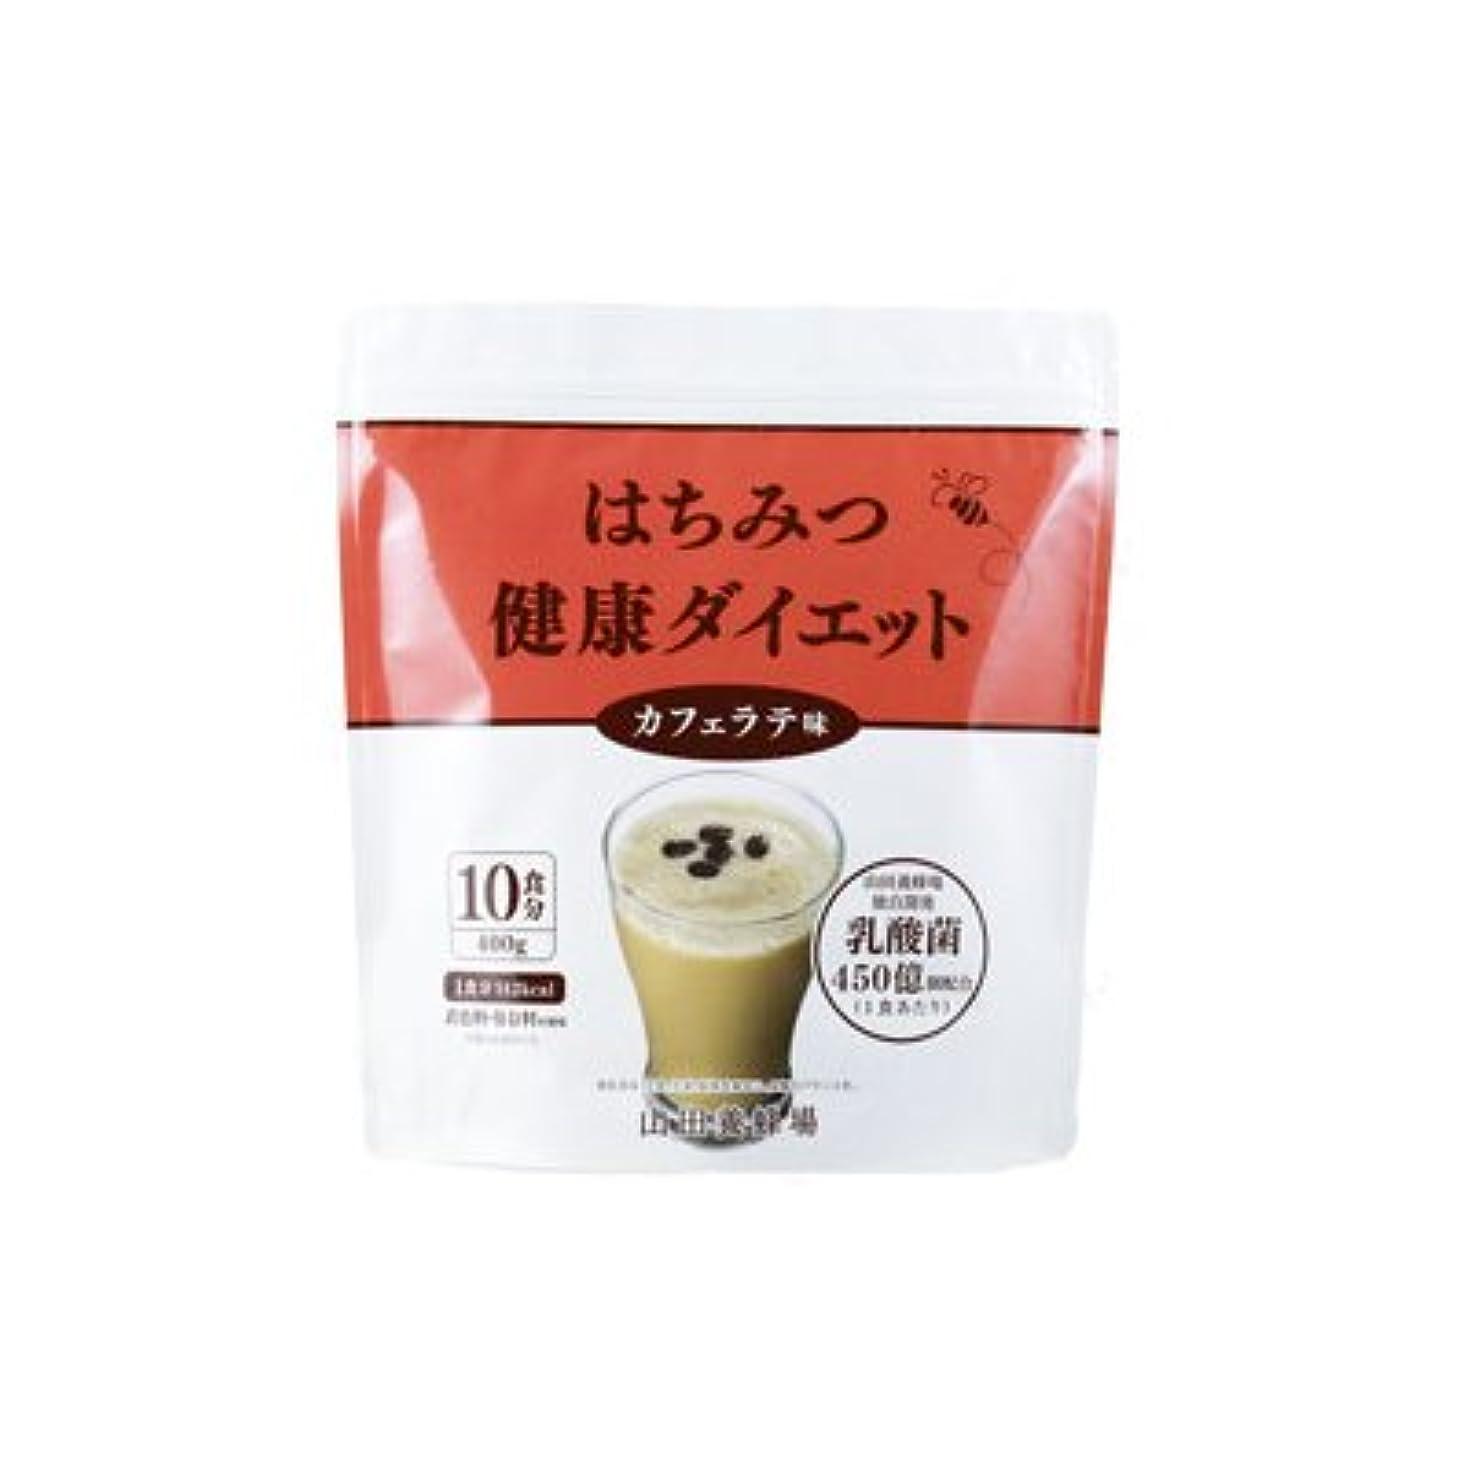 放出ペニー模索はちみつ健康ダイエット 【カフェラテ味】400g(10食分)